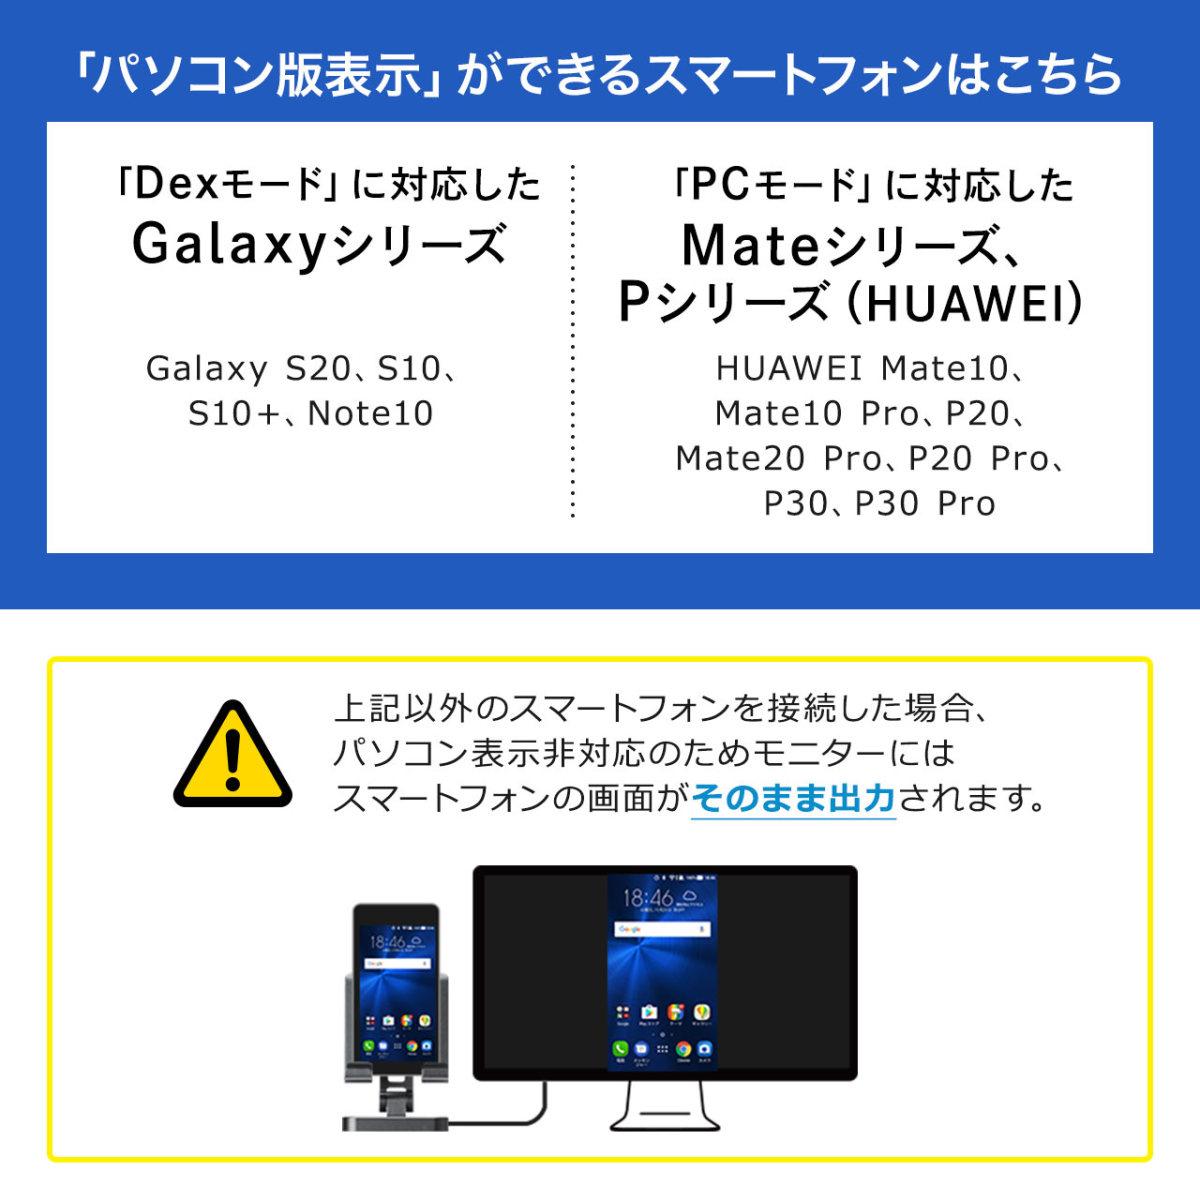 USB Type-C ドッキングステーション スマホ タブレットスタンドタイプ PD 60W対応 4K対応 7in1 HDMI Type-C USB3.0×2 SD microSDカード